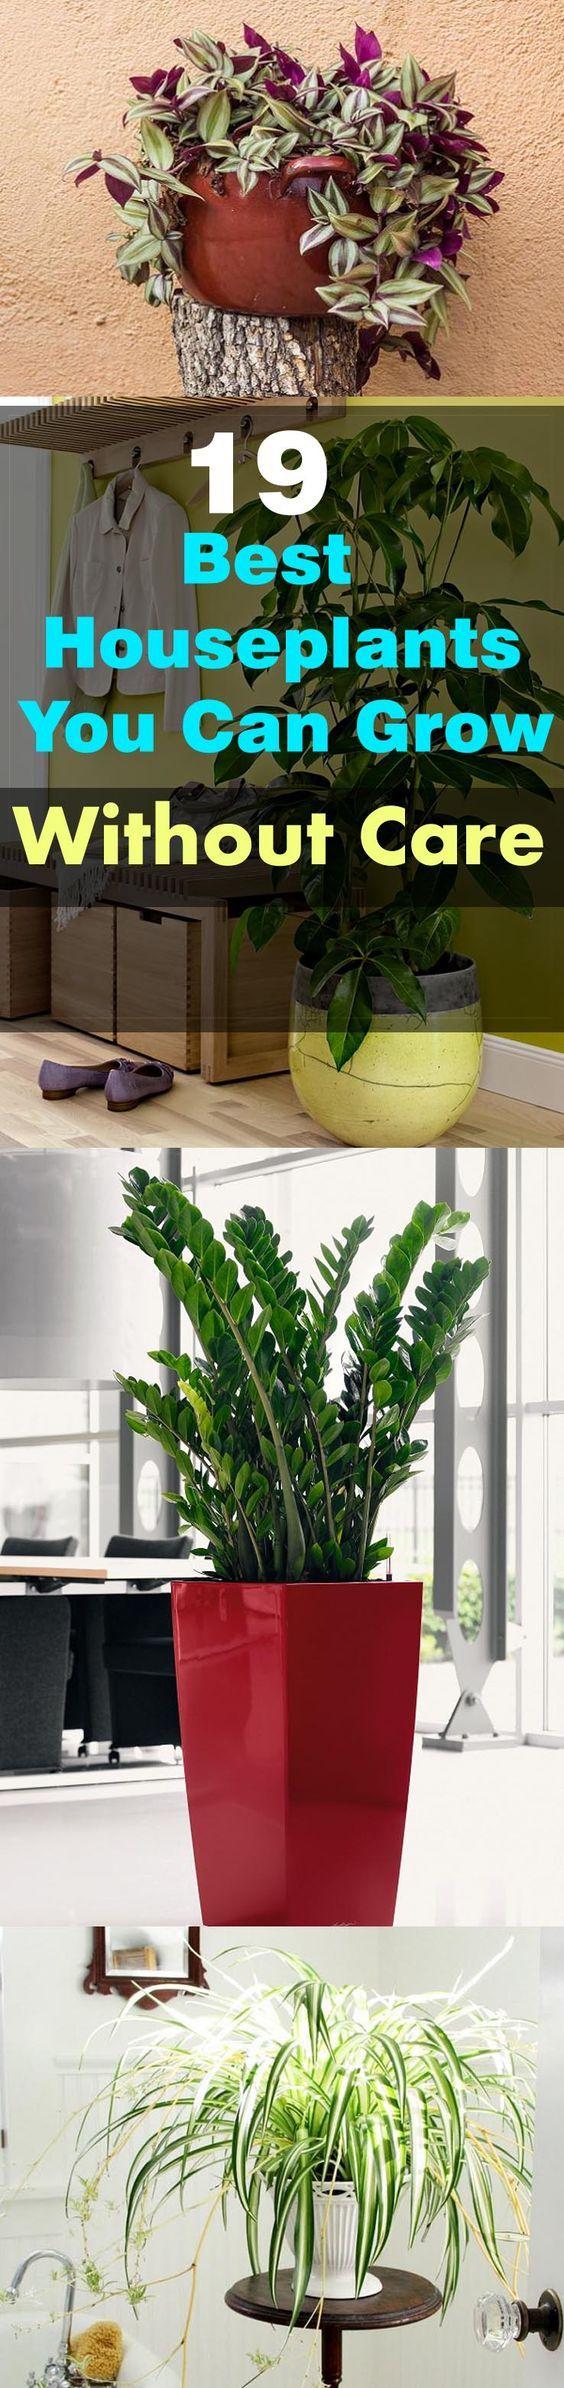 Plantas resistentes para cultivar dentro de casa